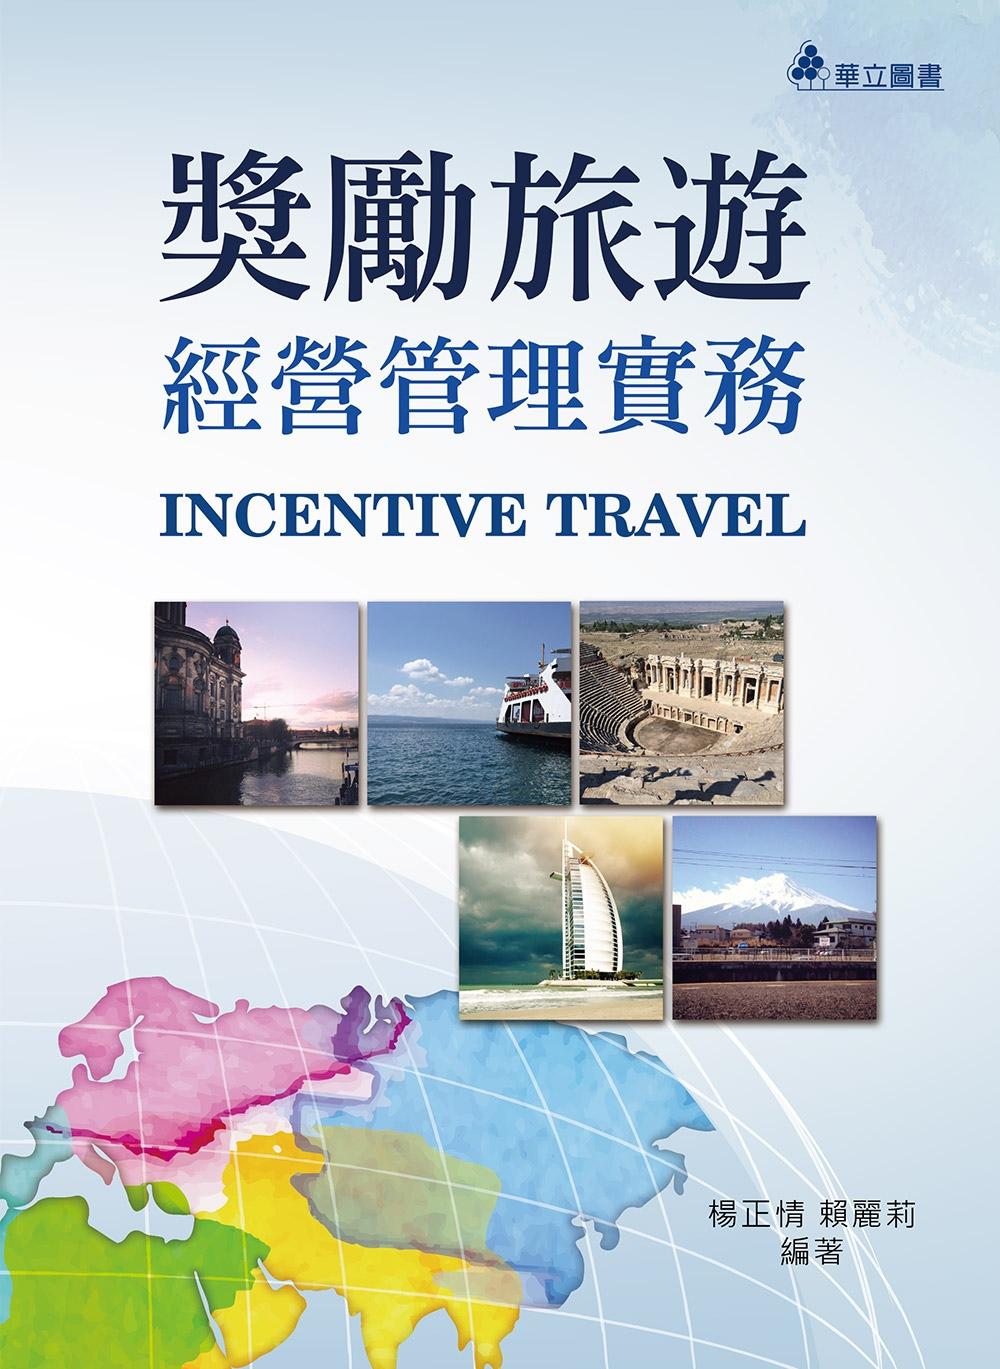 《獎勵旅遊經營管理實務(二版)》 商品條碼,ISBN:9789577846792